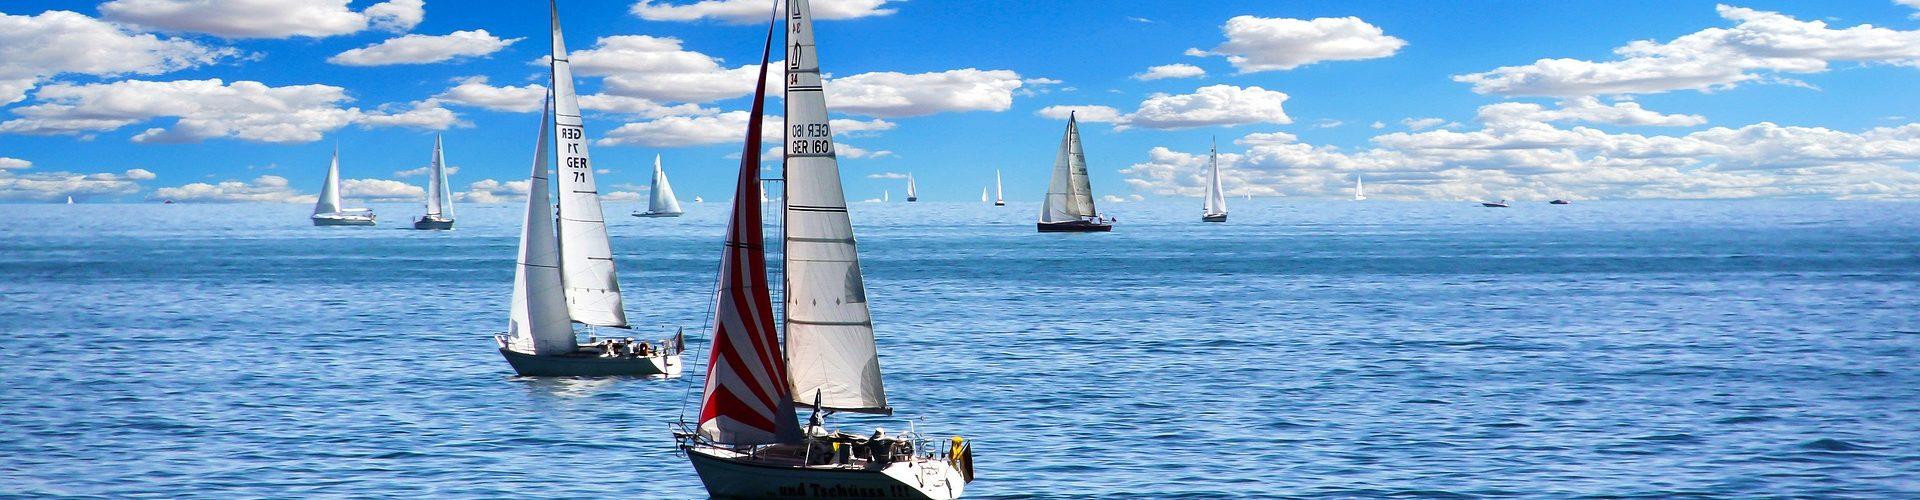 segeln lernen in Lichtenau segelschein machen in Lichtenau 1920x500 - Segeln lernen in Lichtenau